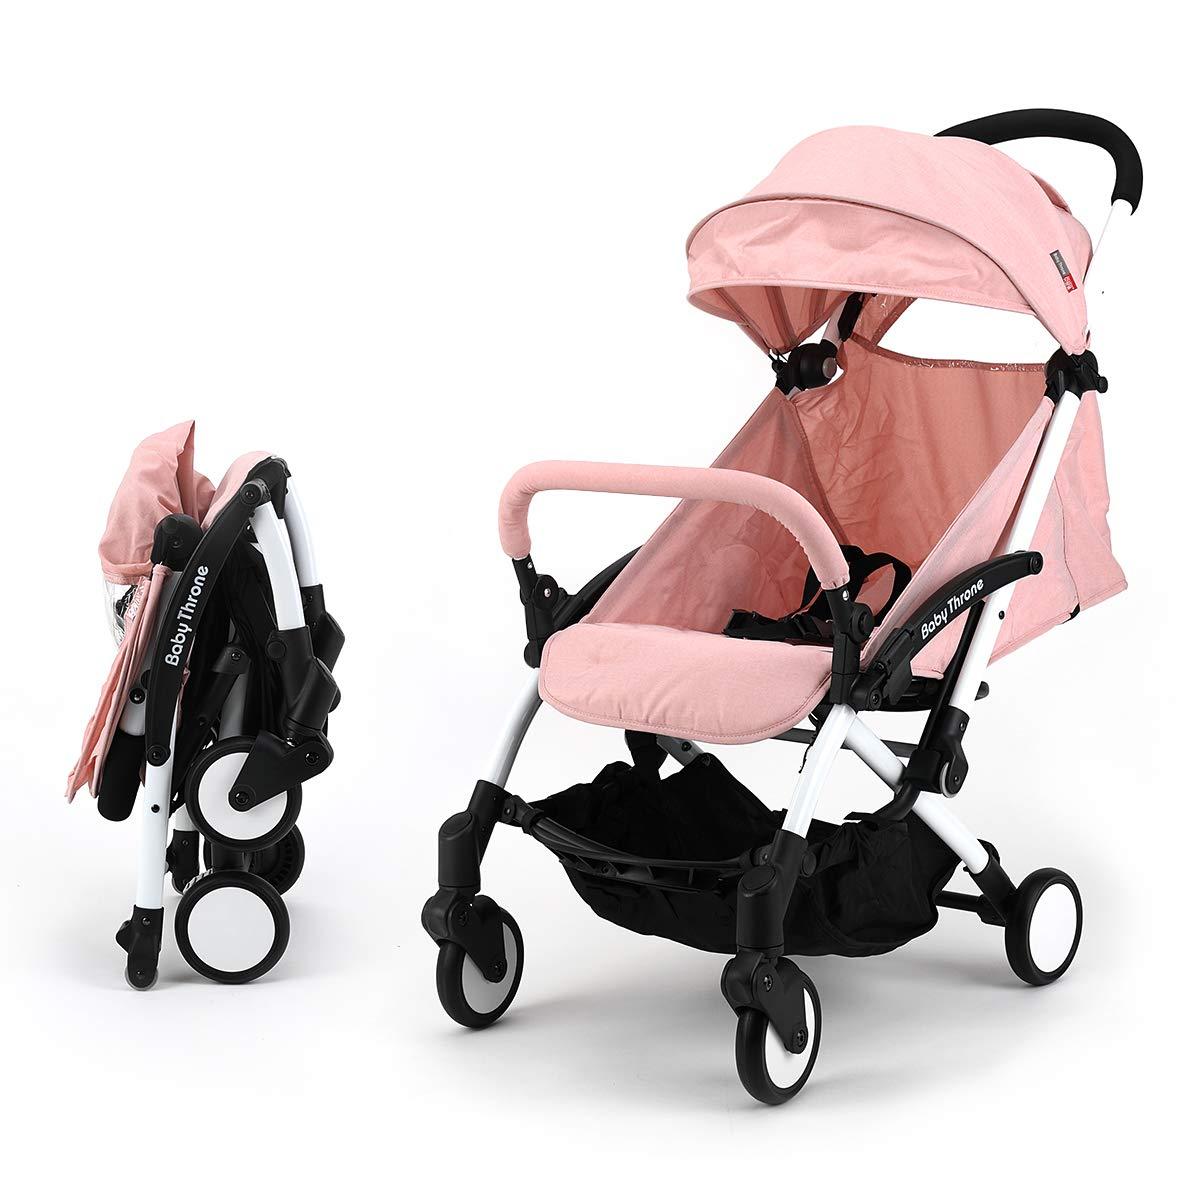 sillas de paseo ligeras carritos de bebe plegable carro bebe de viaje por 0-5 años (Rosa) Baby Throne